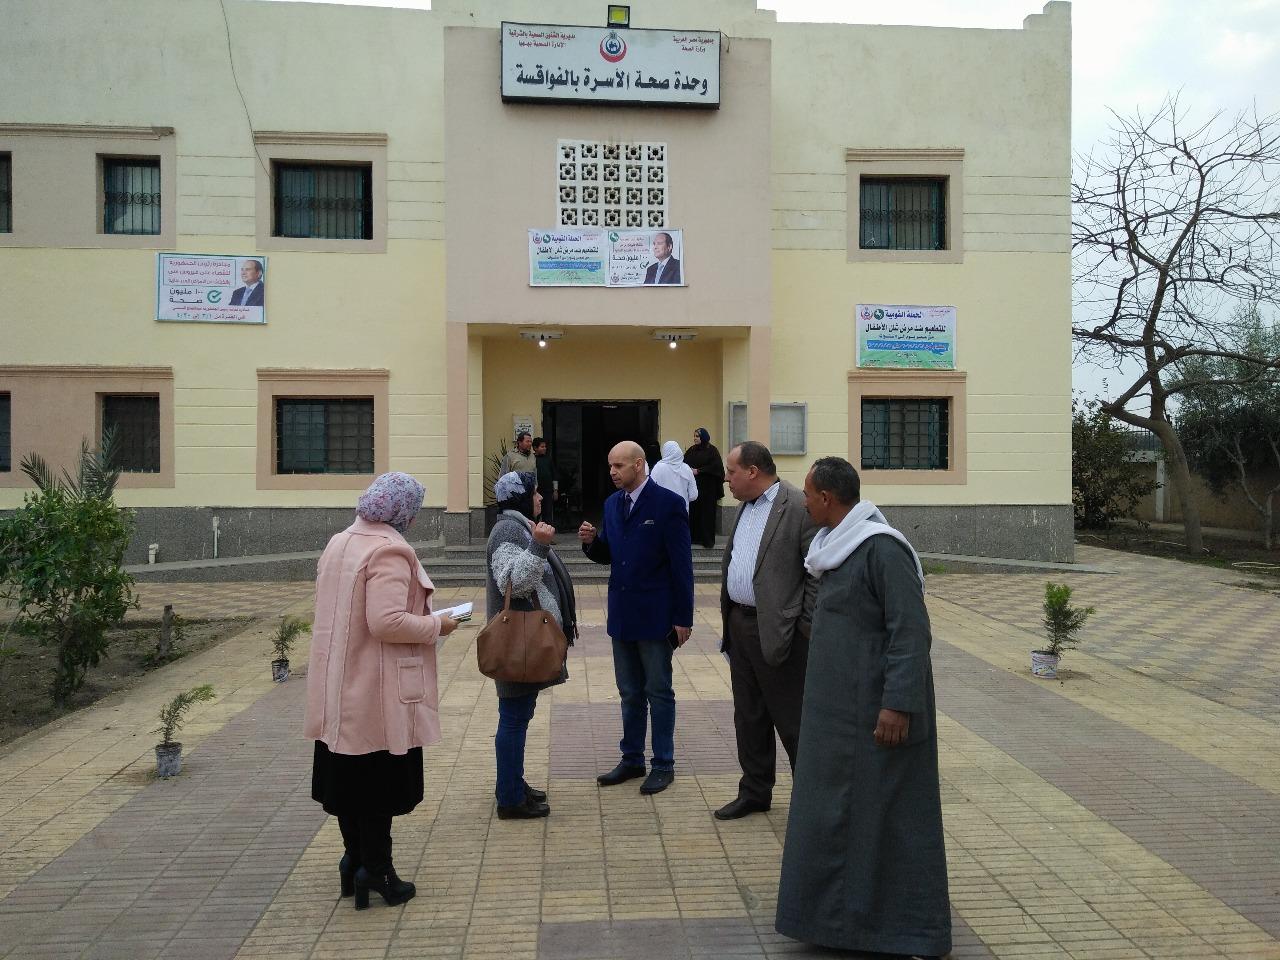 وكيل صحة الشرقية يتفقد وحدات مركز ههيا الصحية